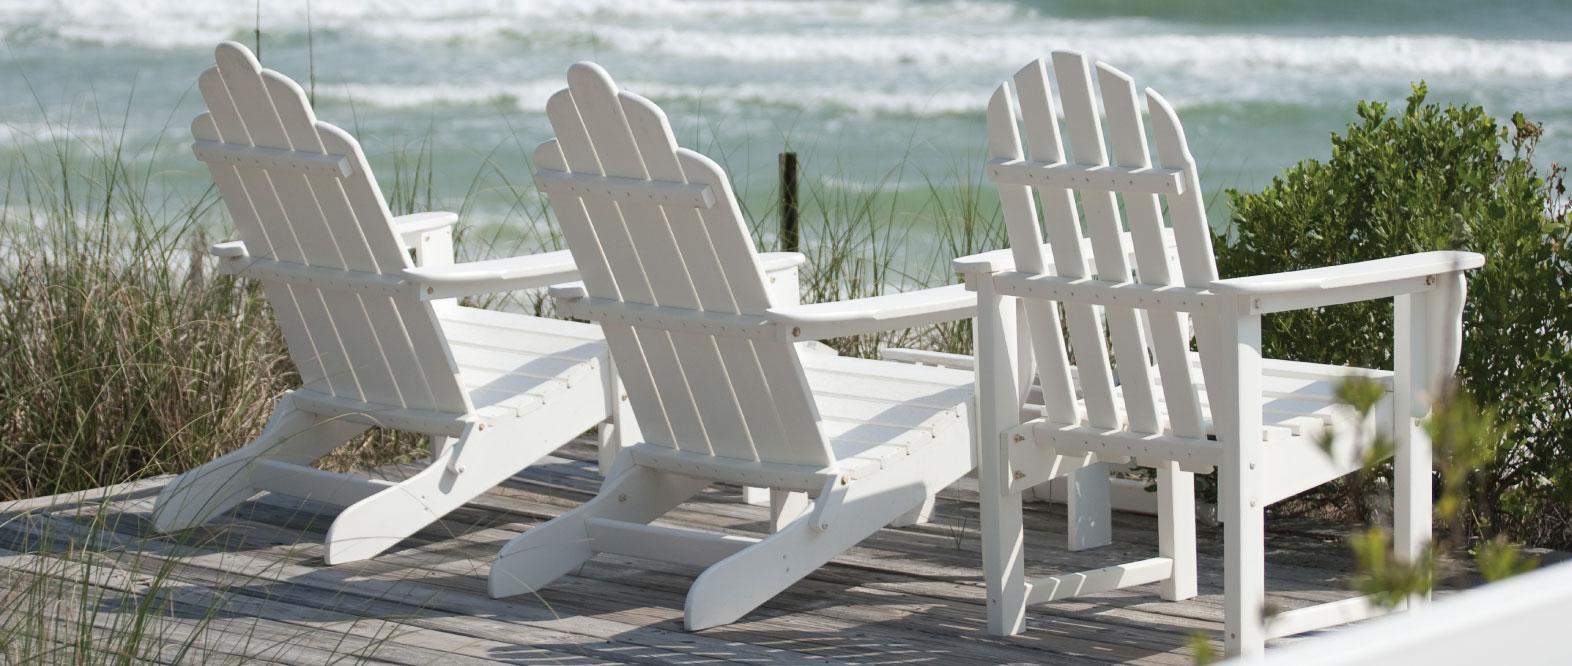 SIMONA-Boat-Board-Chairs